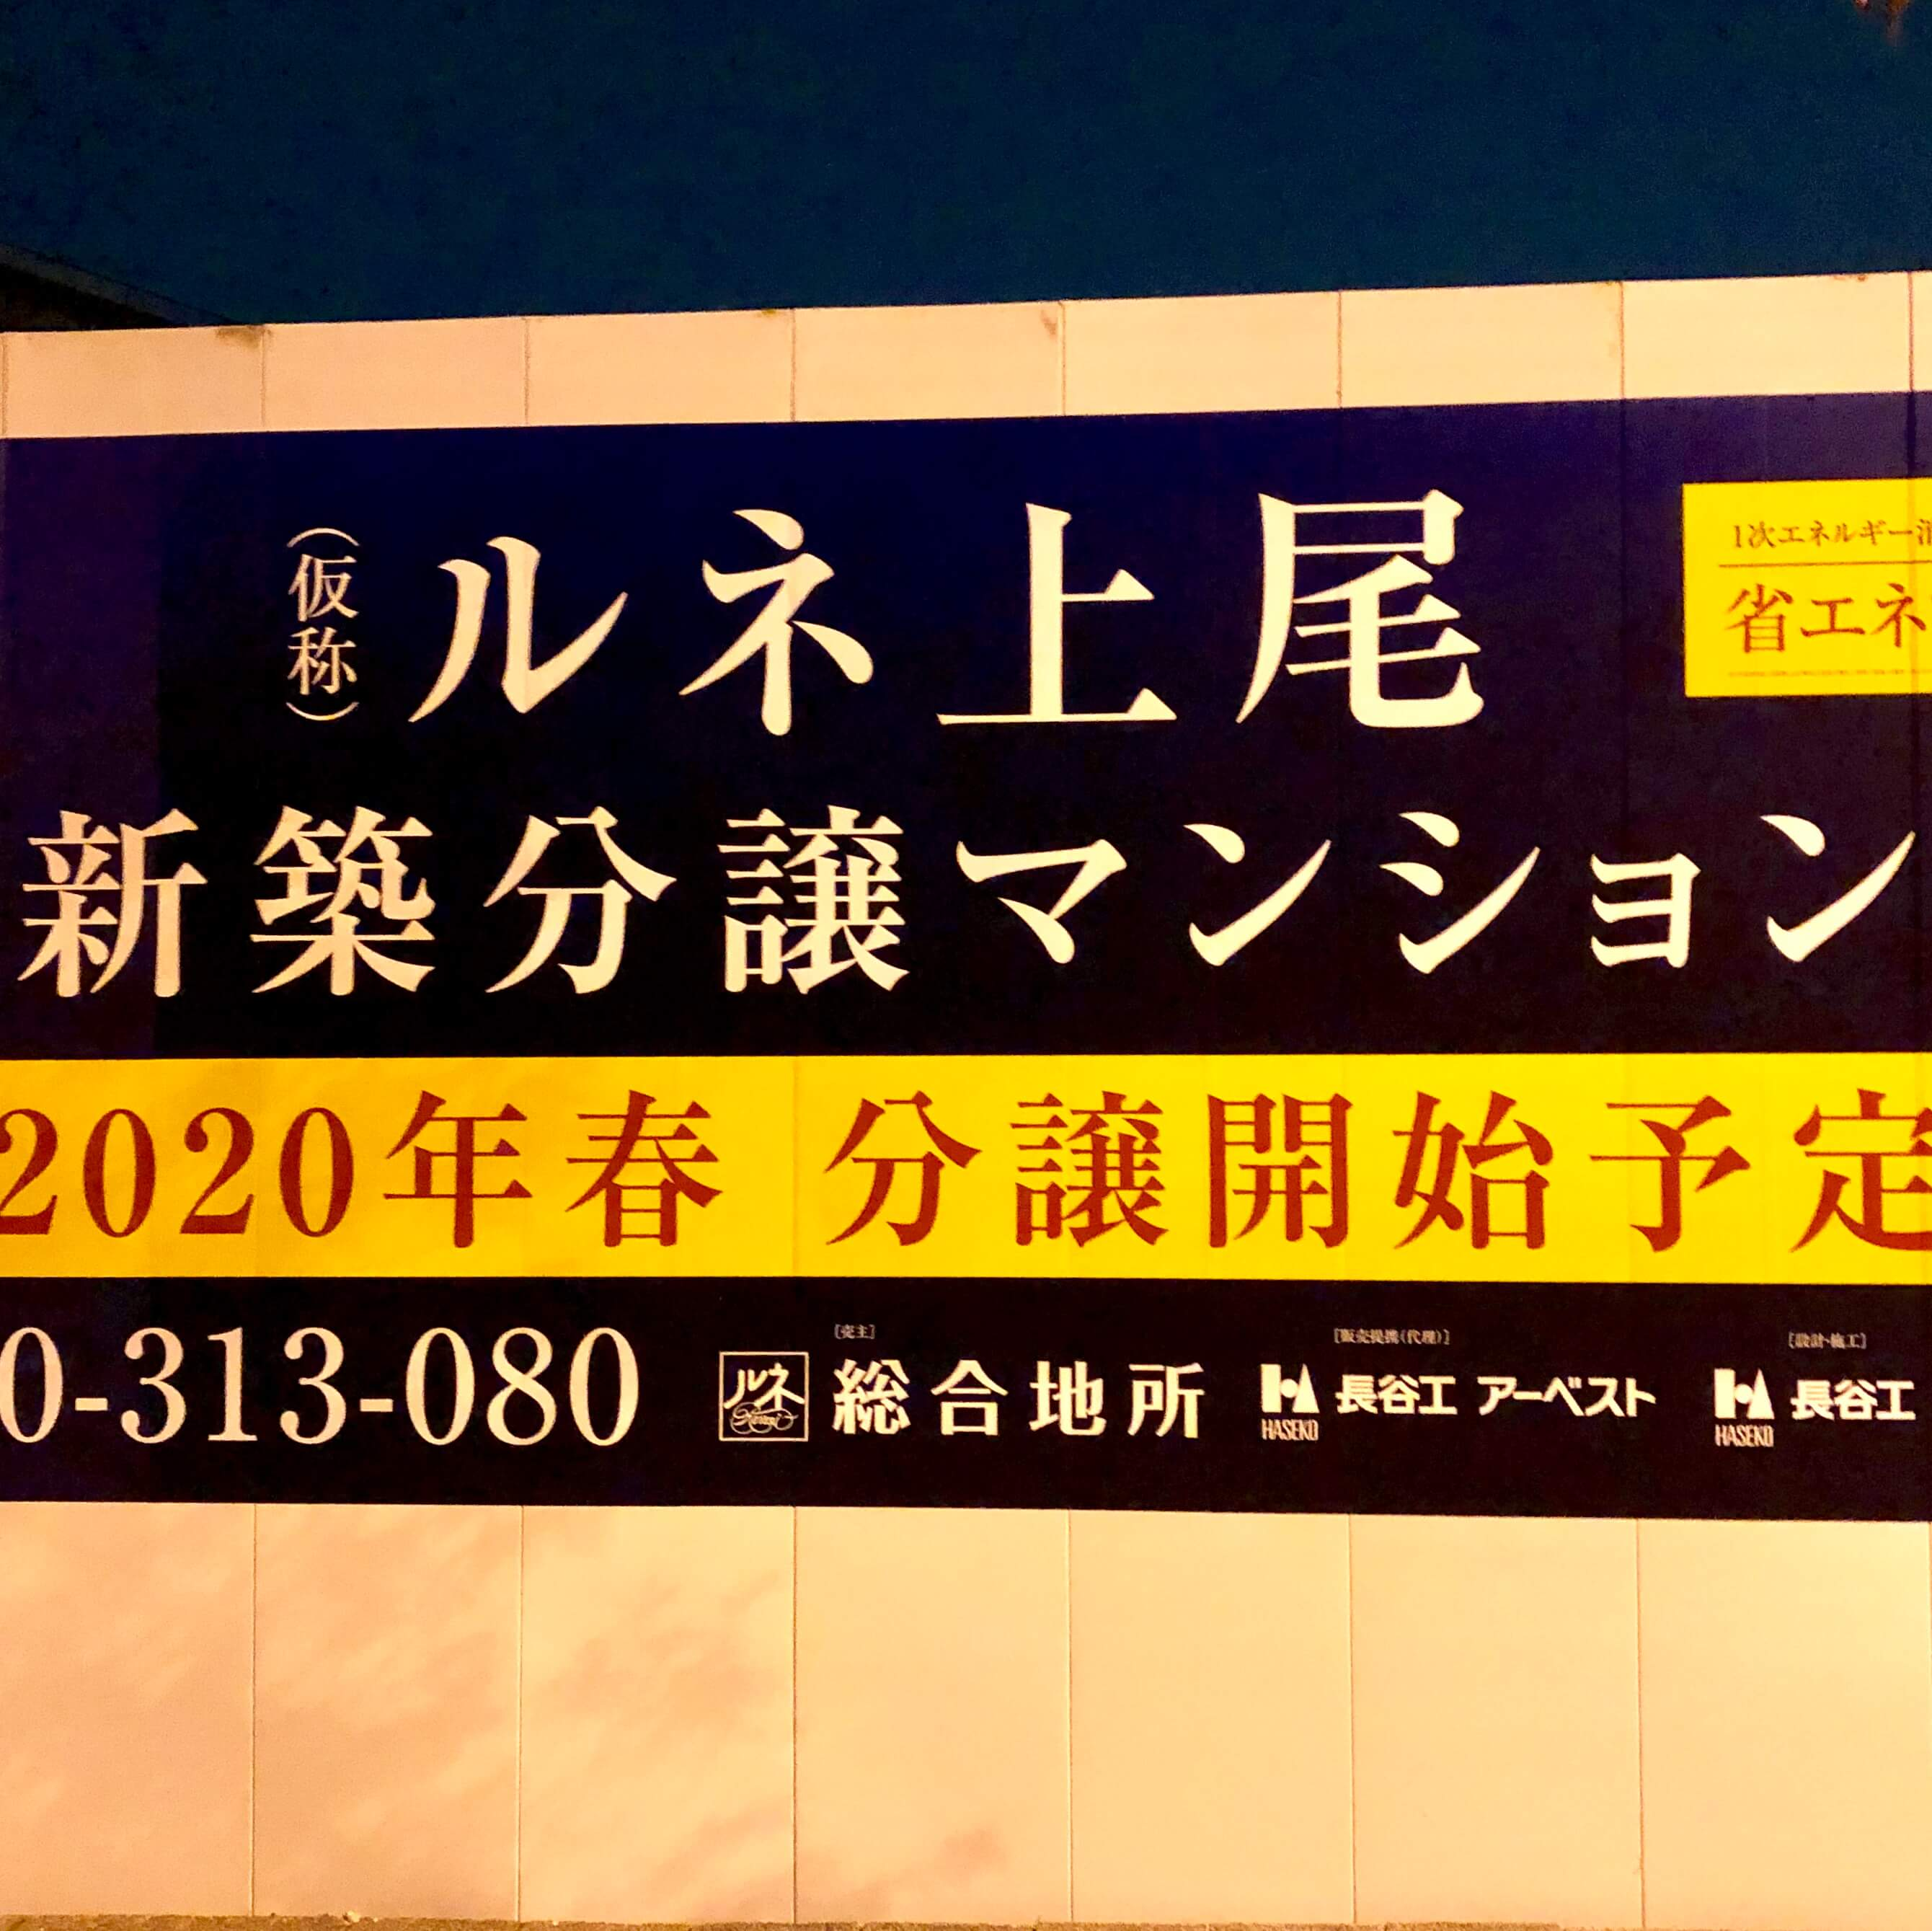 上尾市役所前で新築分譲マンション『ルネ上尾』を建設中!分譲開始は2020年春予定